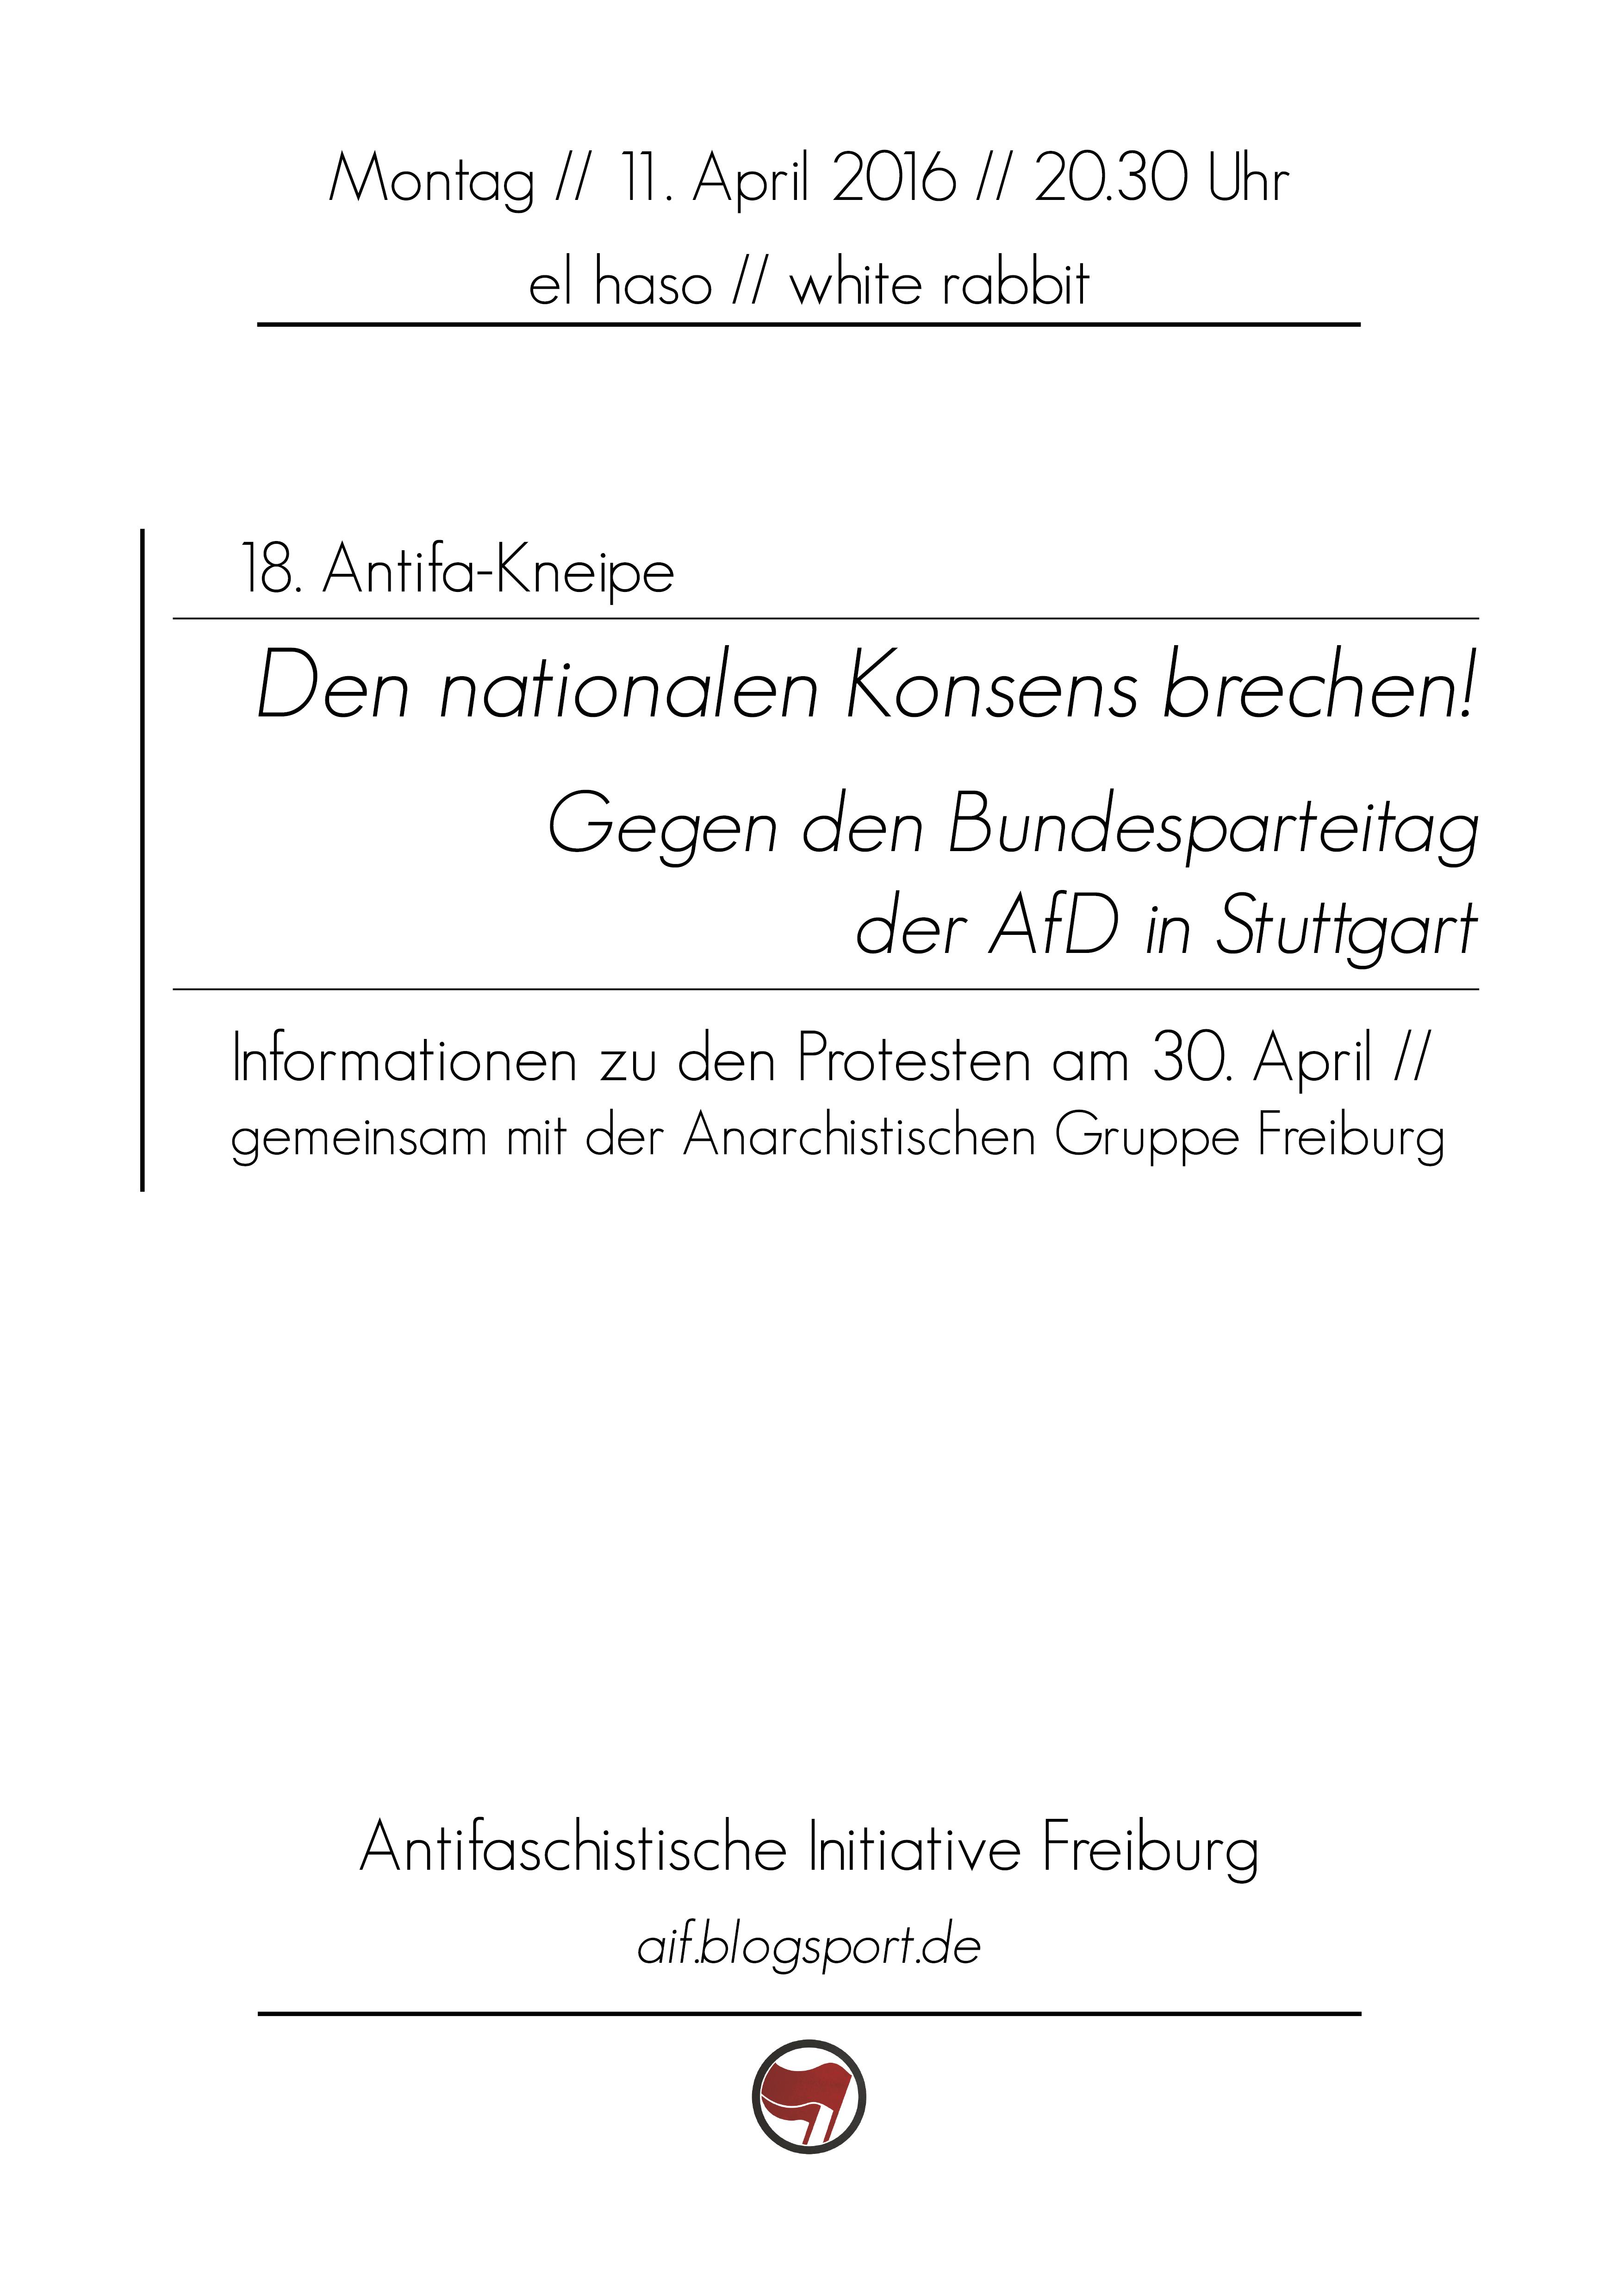 Gegen den Bundesparteitag der AfD!